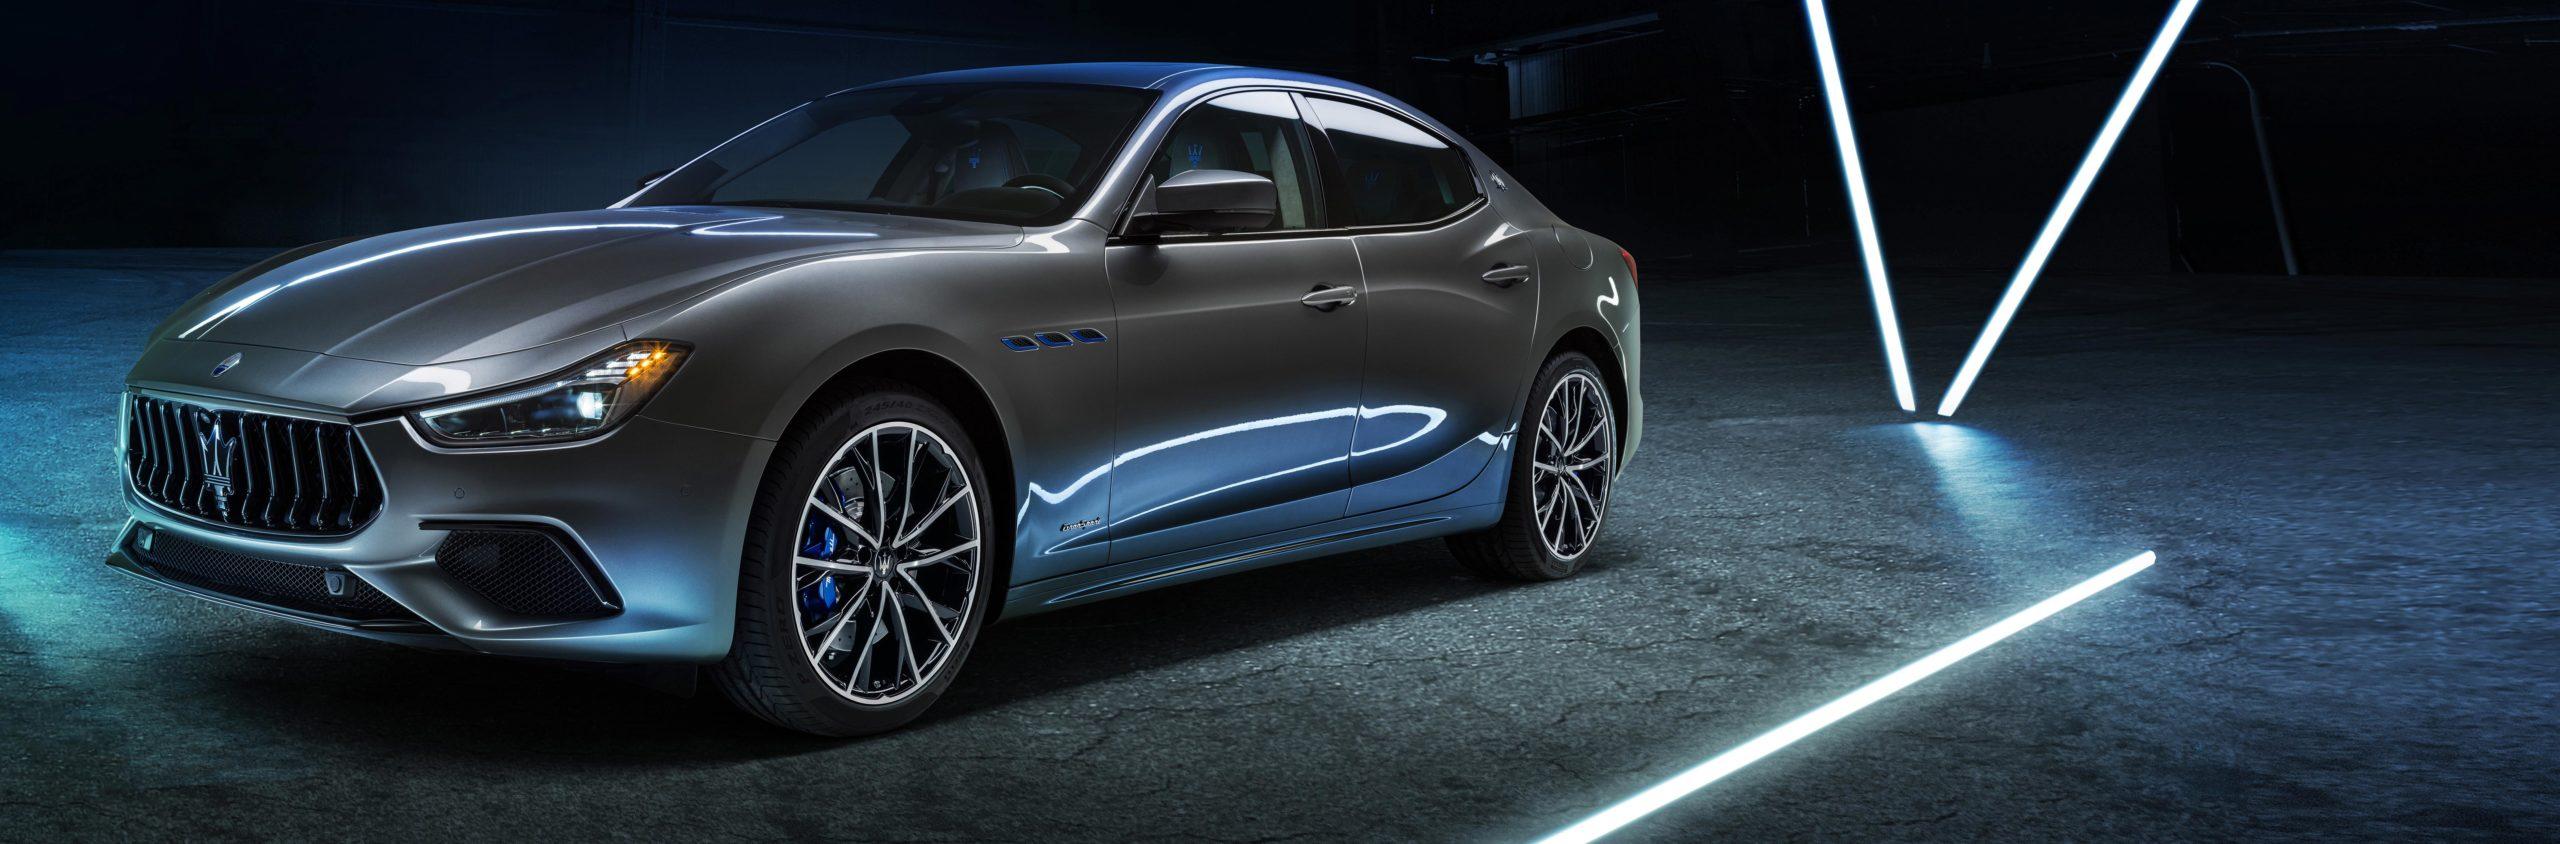 Maserati Ghibli Hybrid, el primero de una nueva especie